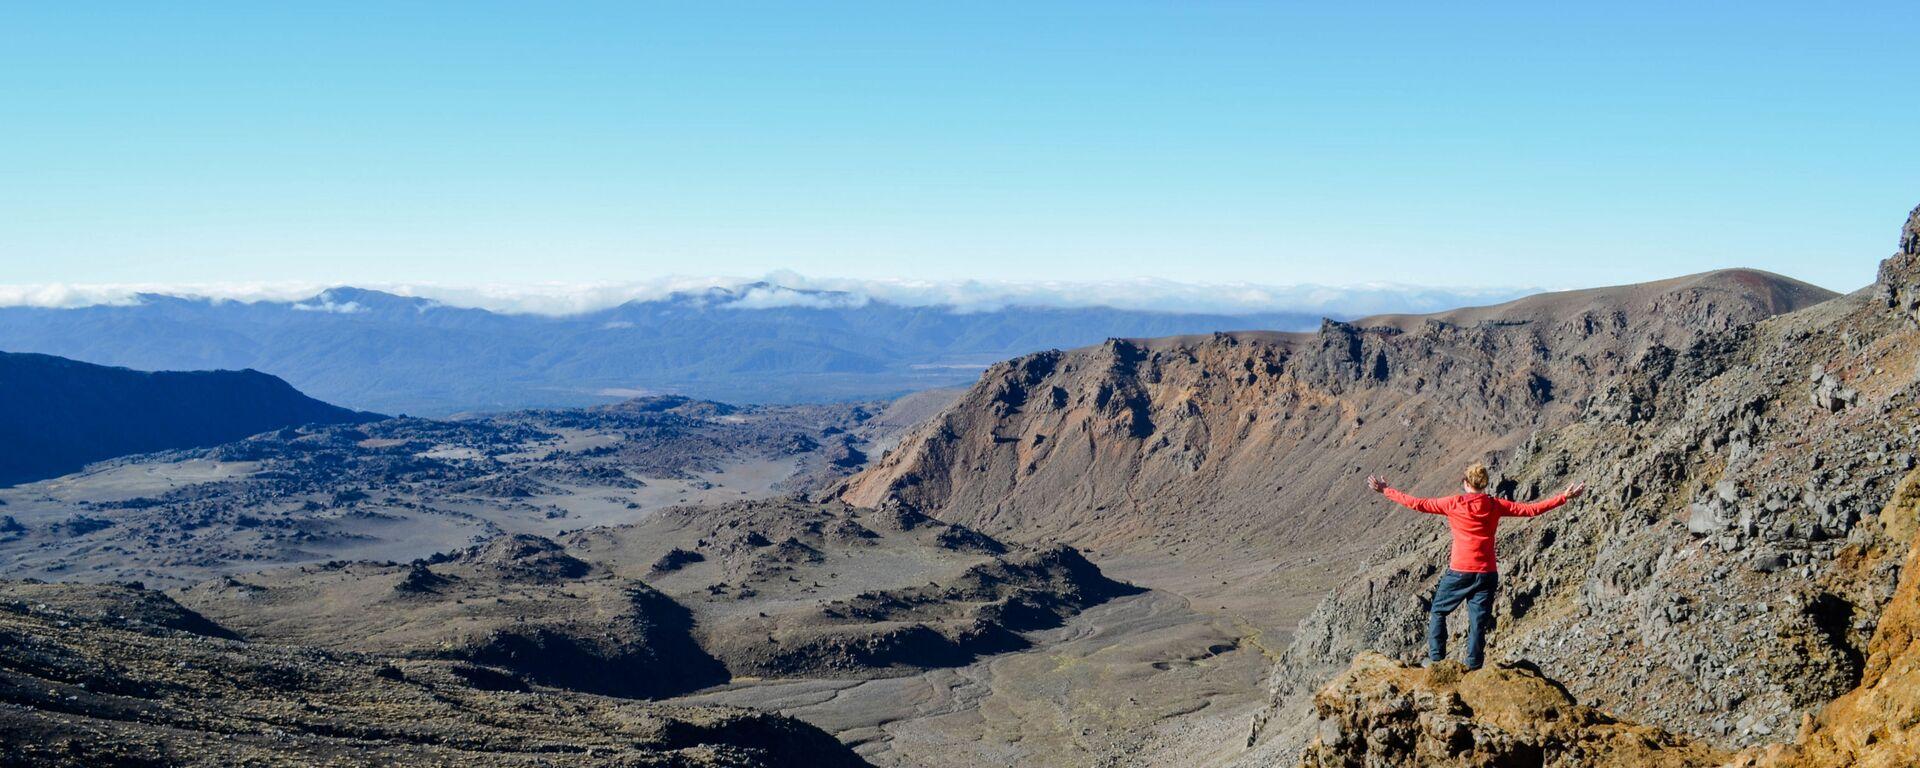 Il Parco nazionale del Tongariro in Nuova Zelanda.  - Sputnik Italia, 1920, 24.01.2021